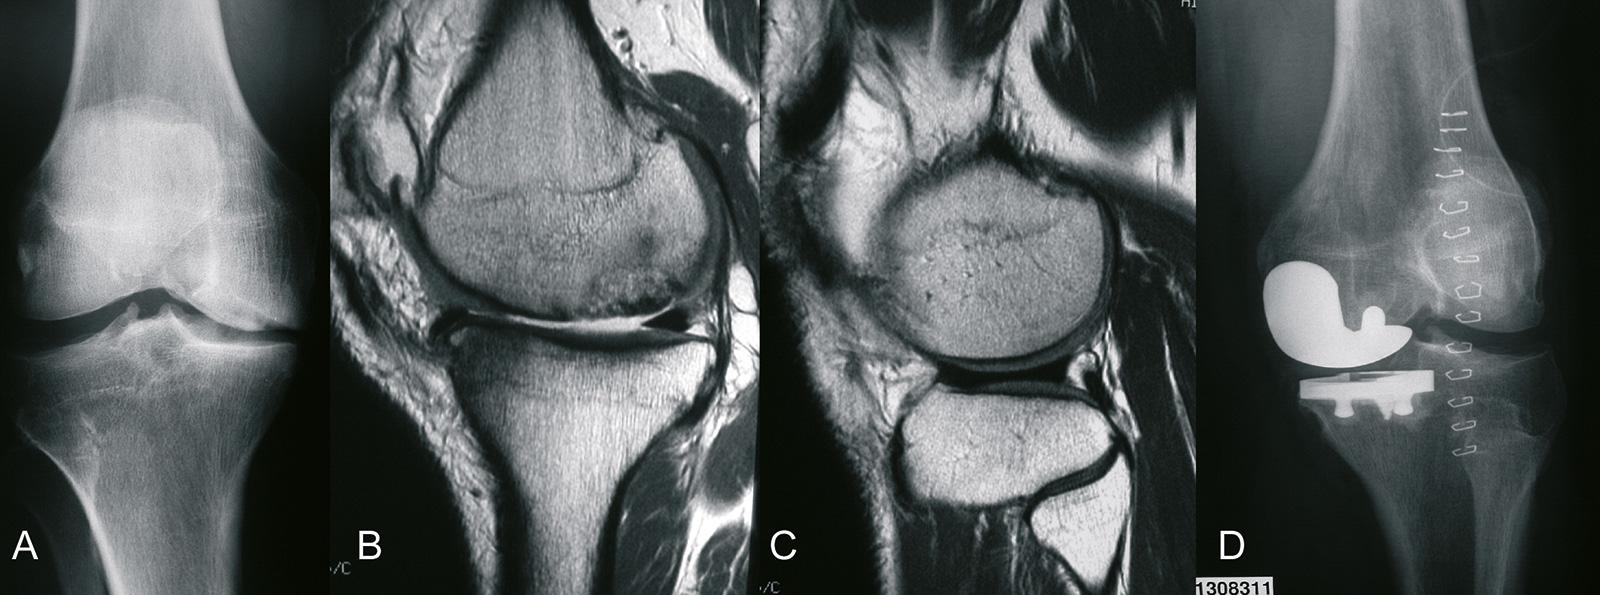 Abb. 1-47: Mediale Gonarthrose mit Verschmälerung des medialen Gelenkspaltes (A,B) bei gleichzeitig intaktem lateralem Gelenkspalt (C) erfolgt die Implantation einer unikondylären Prothese (D)